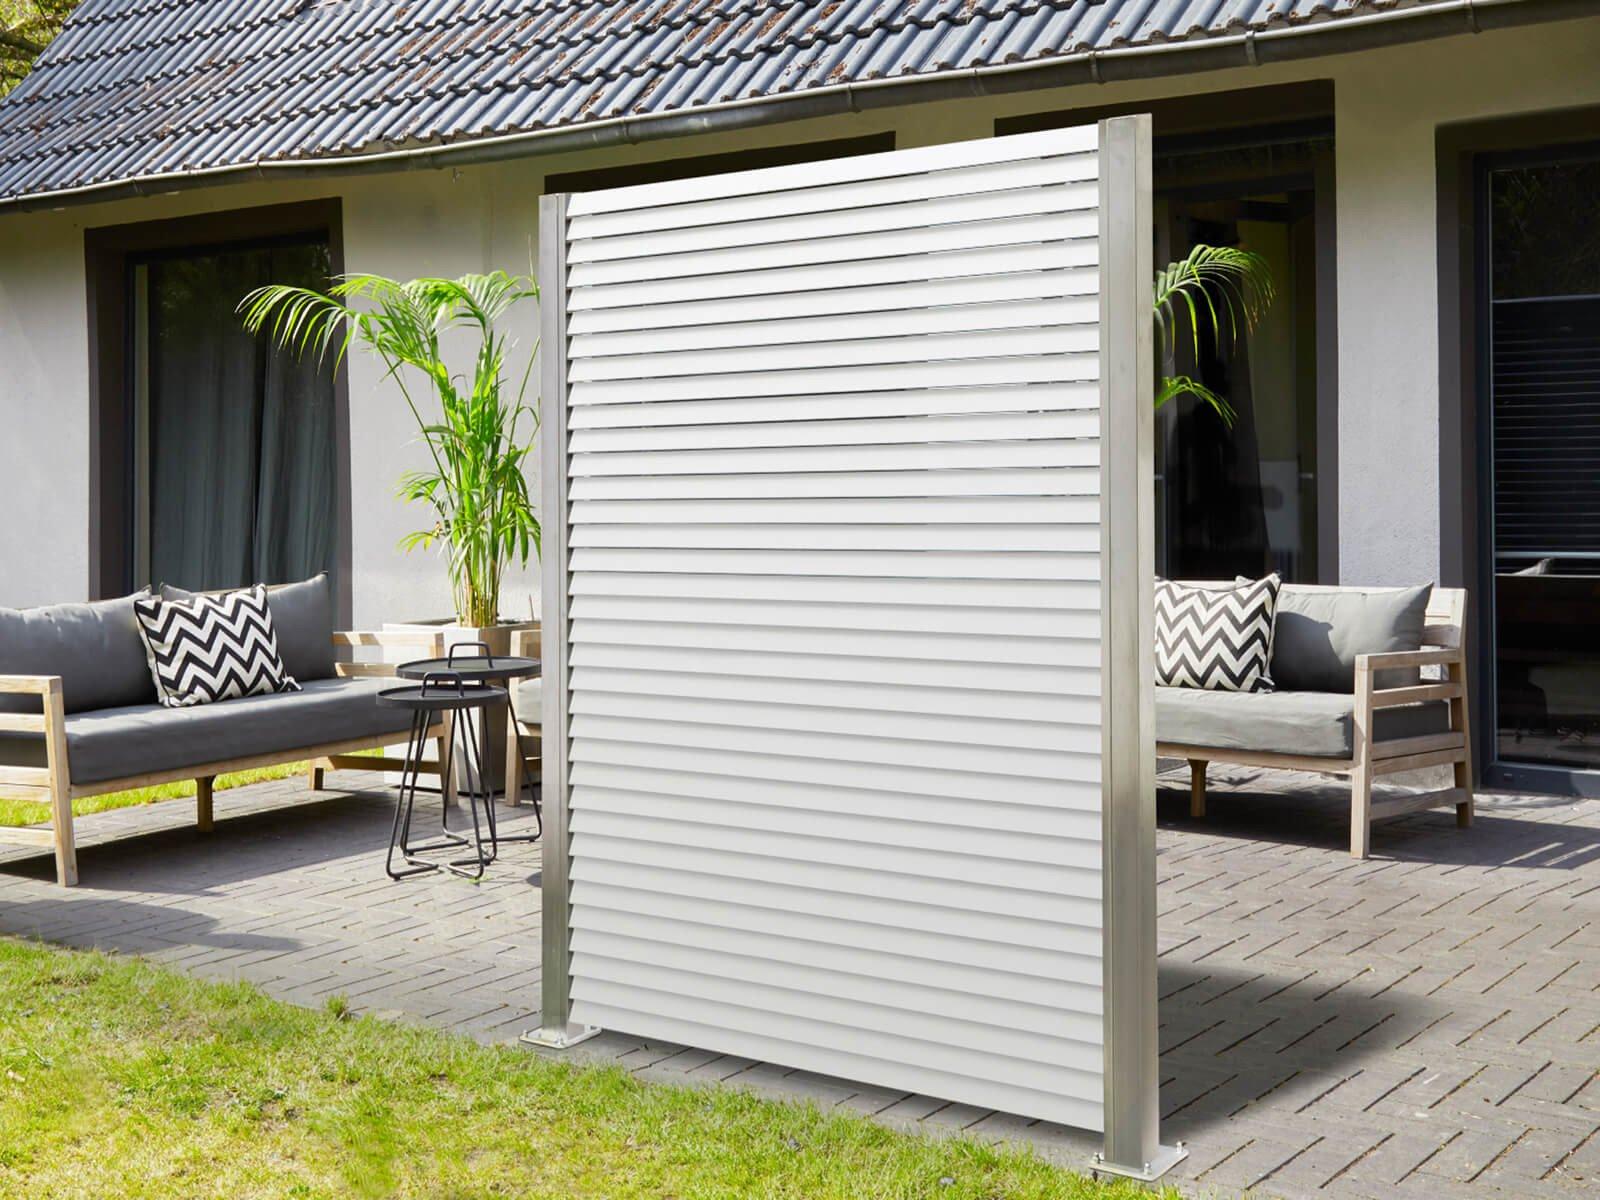 Wind- und Sichtschutz Lamellenzaun Porto in Weiß maximale Material und Verarbeitungsqualität